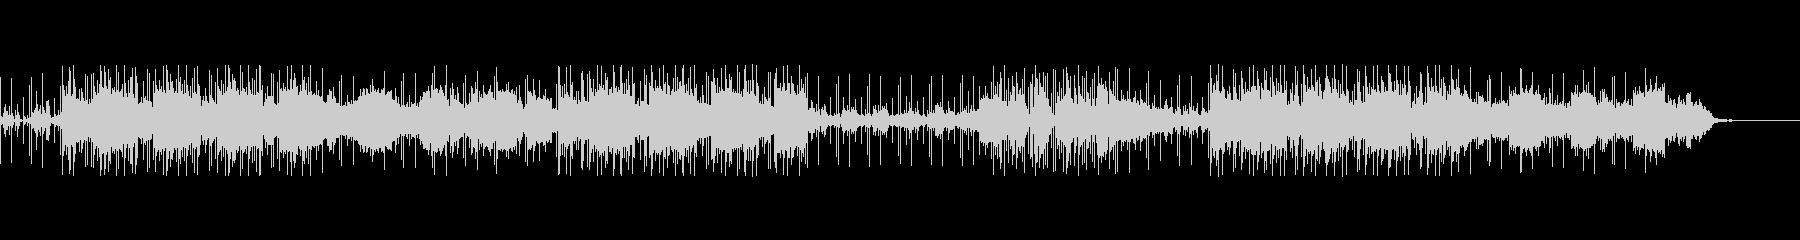 16ビートピアノポップス春そよ風メロなしの未再生の波形